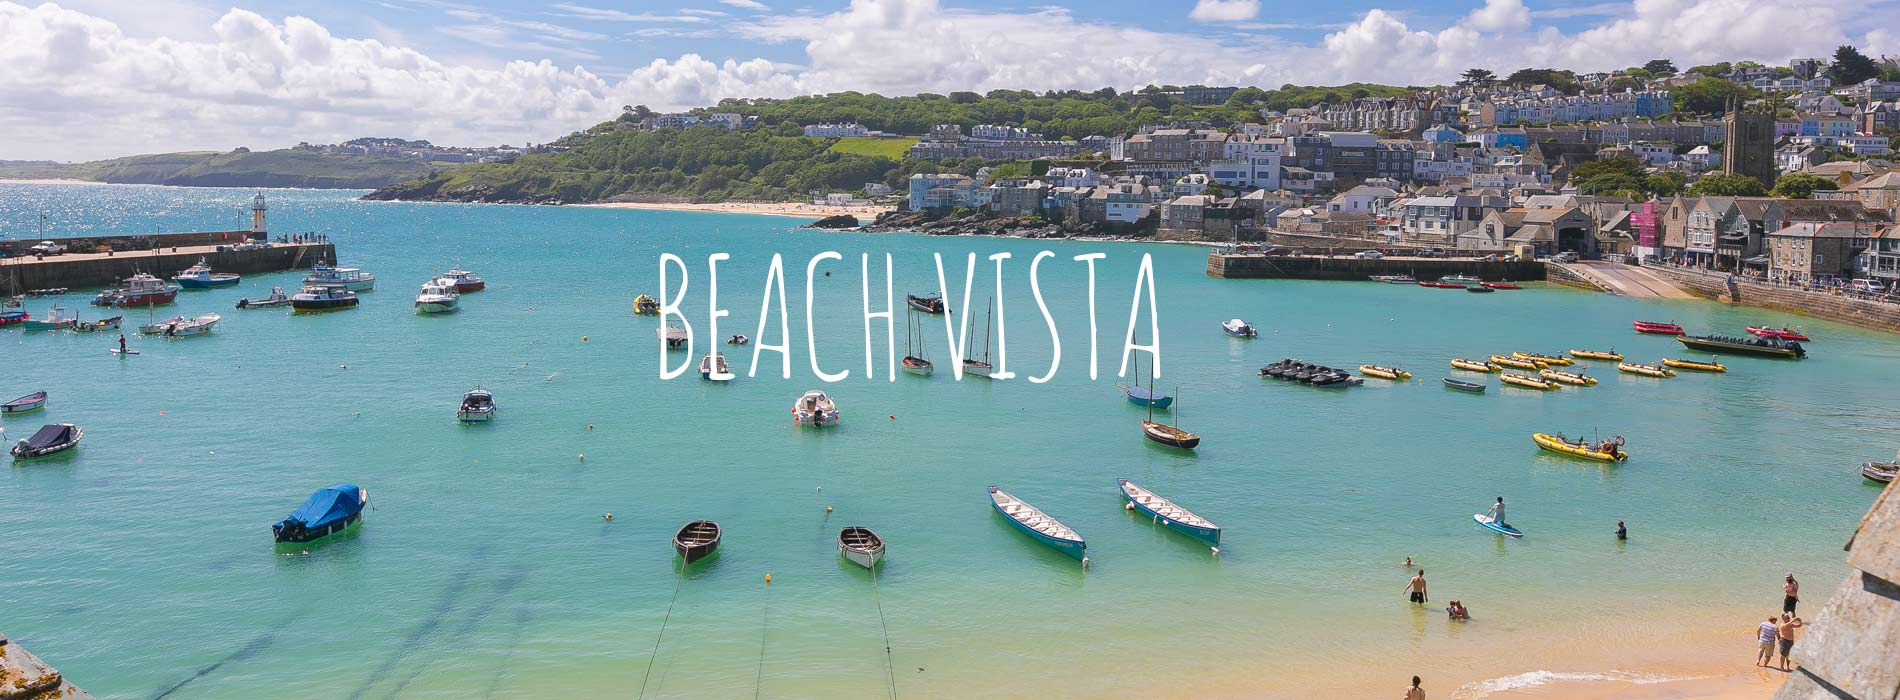 beach-vista-st-ives-cornwall